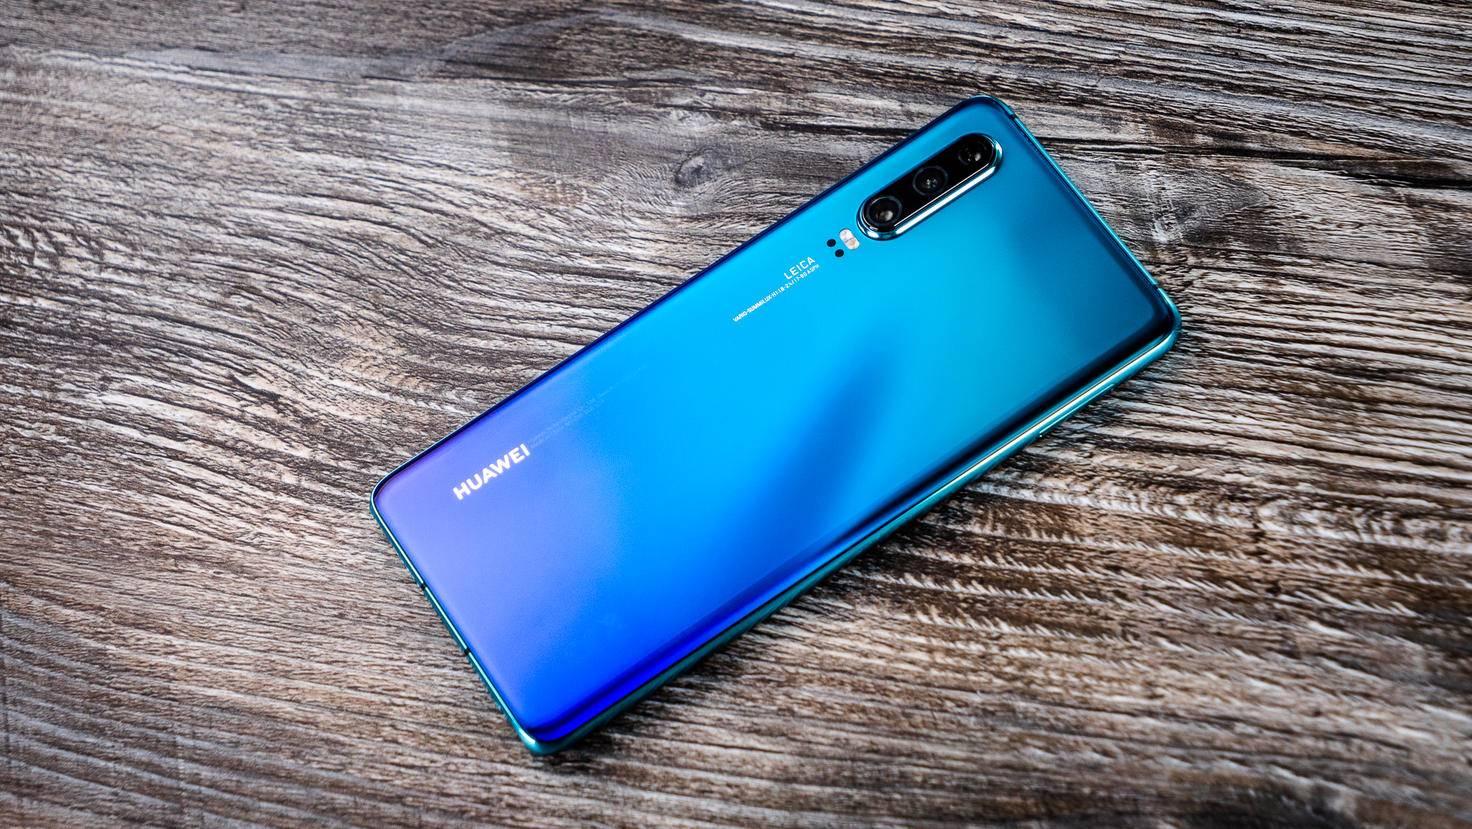 Einige Ausstattungslücken gibt es beim Huawei P30, zum Beispiel ist es nicht wasserdicht.